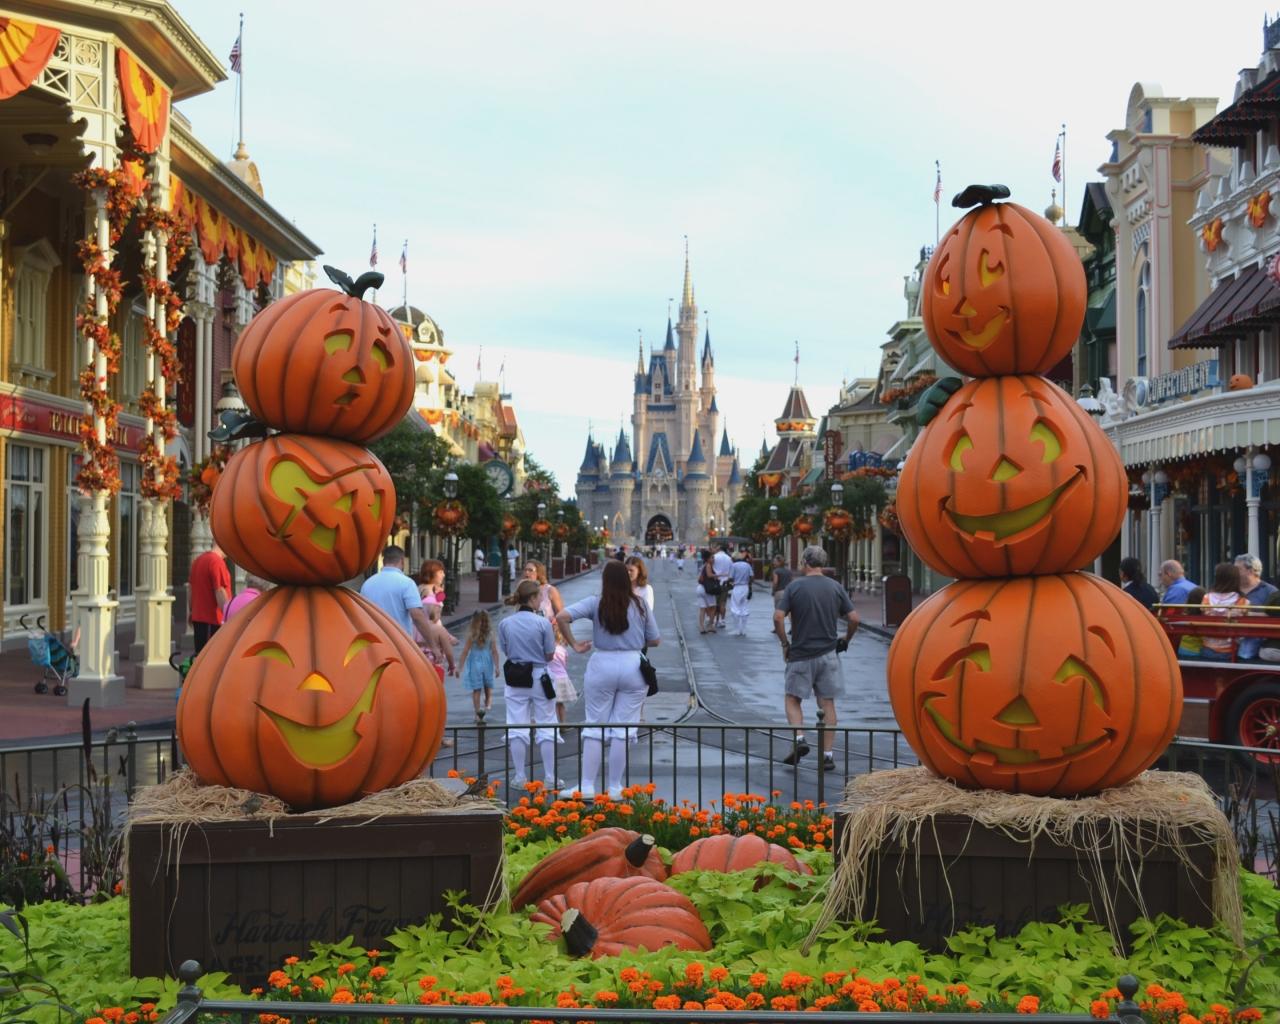 Calles decoradas por halloween - 1280x1024